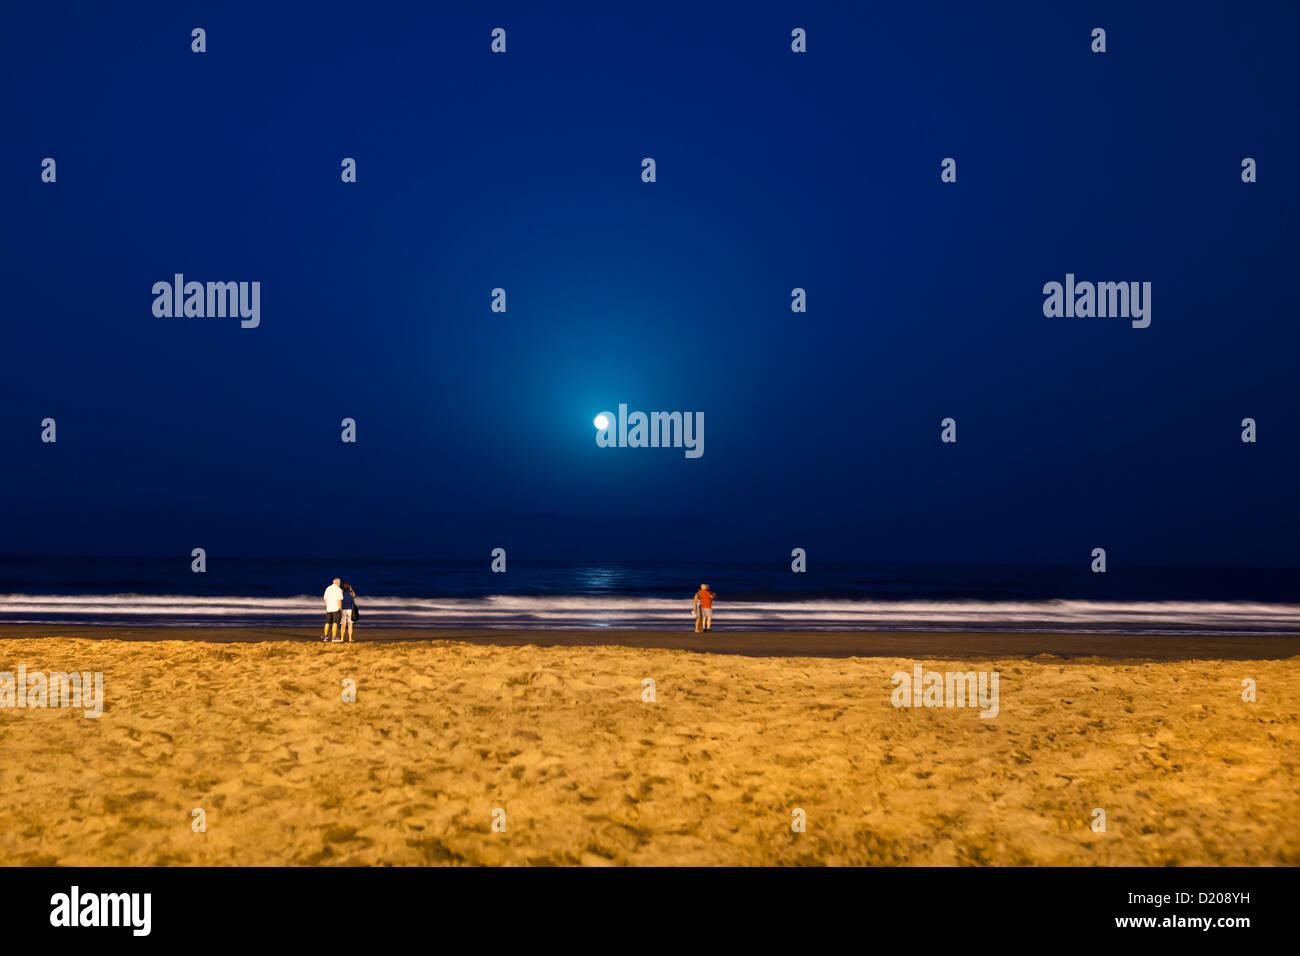 Vollmond über Strand, der Playa del Ingles, Gran Canaria, Kanarische Inseln, Spanien Stockbild